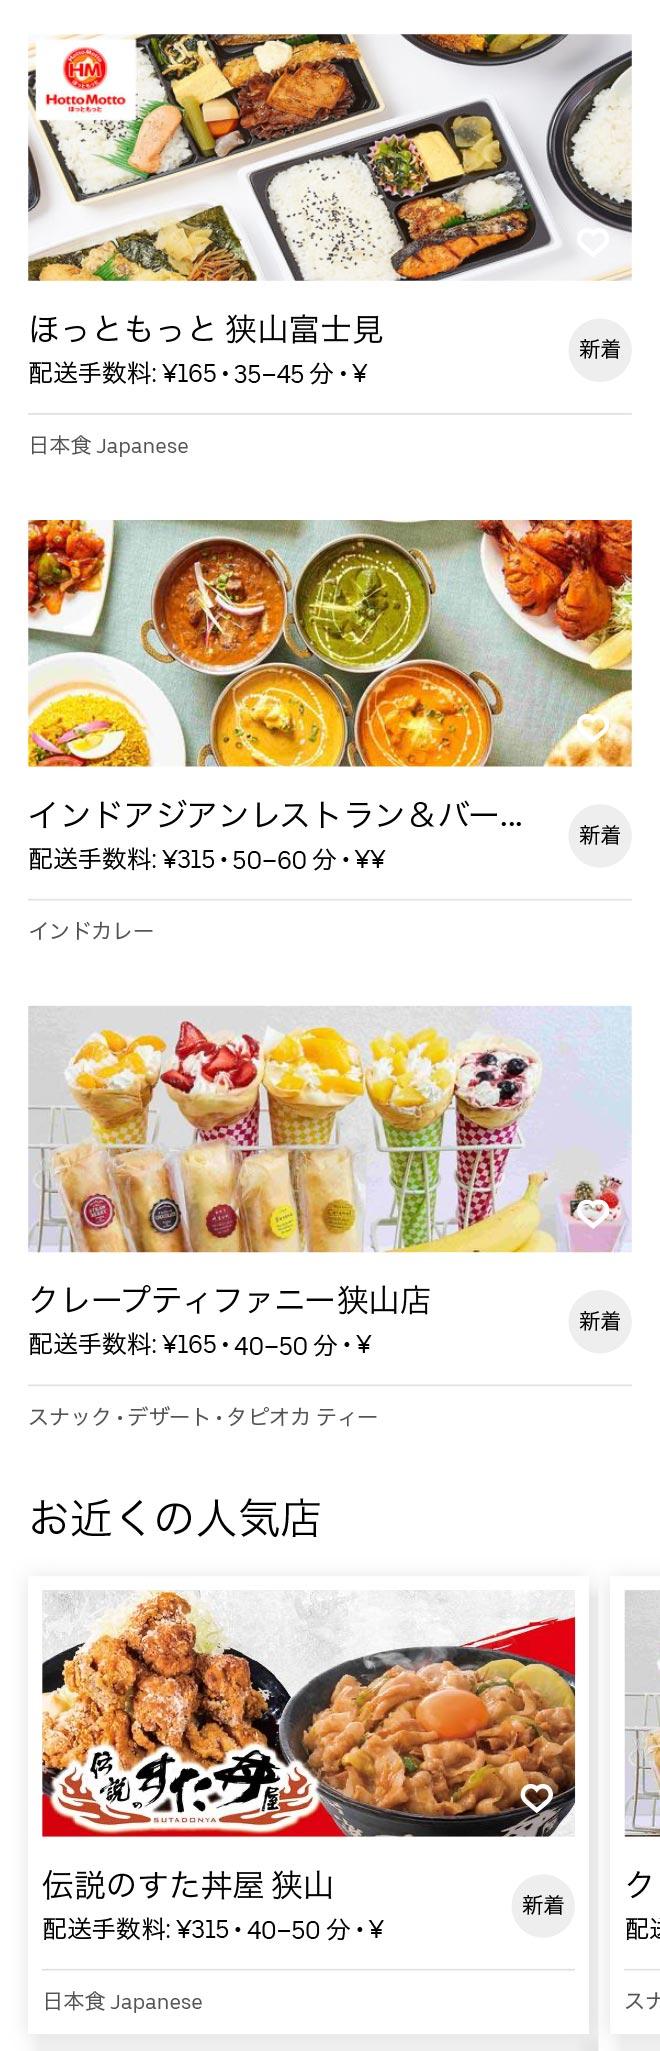 Sayama menu 2010 01